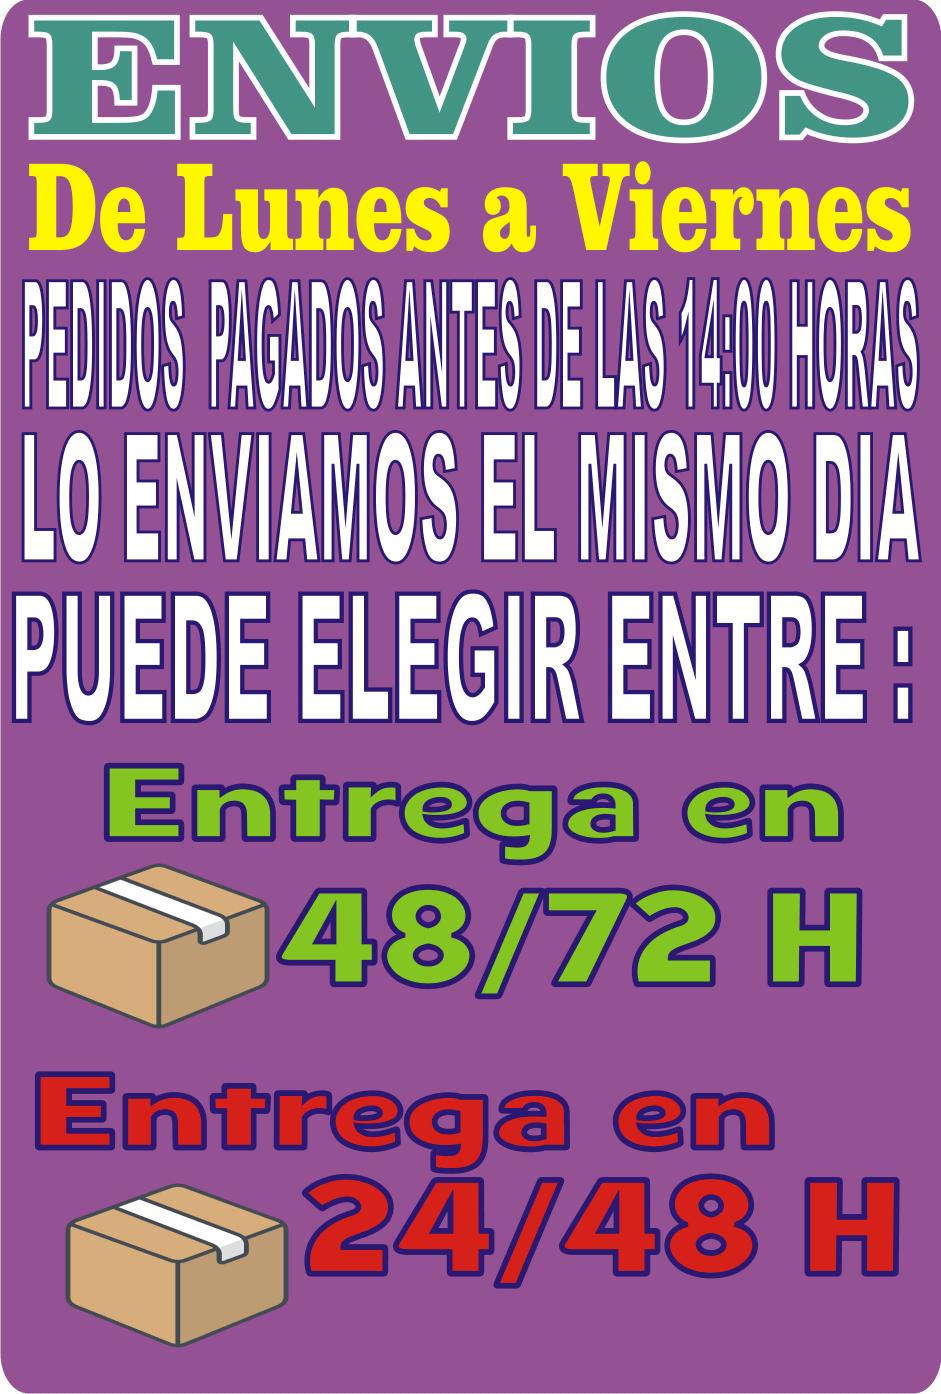 ENVIOS